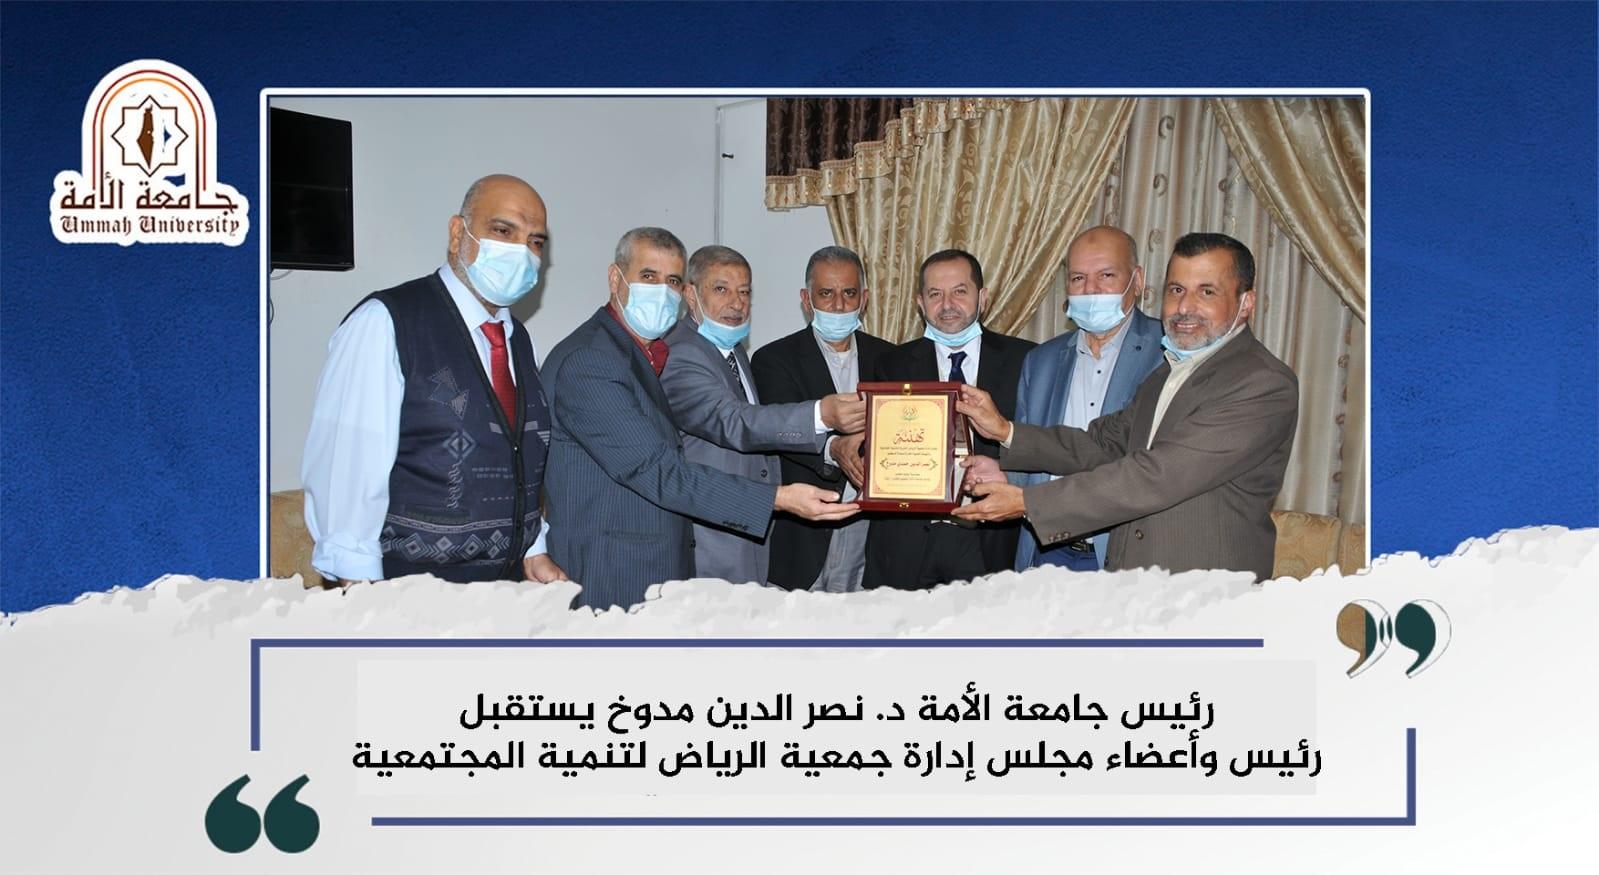 استقبال جمعية الرياض للتنمية المجتمعية